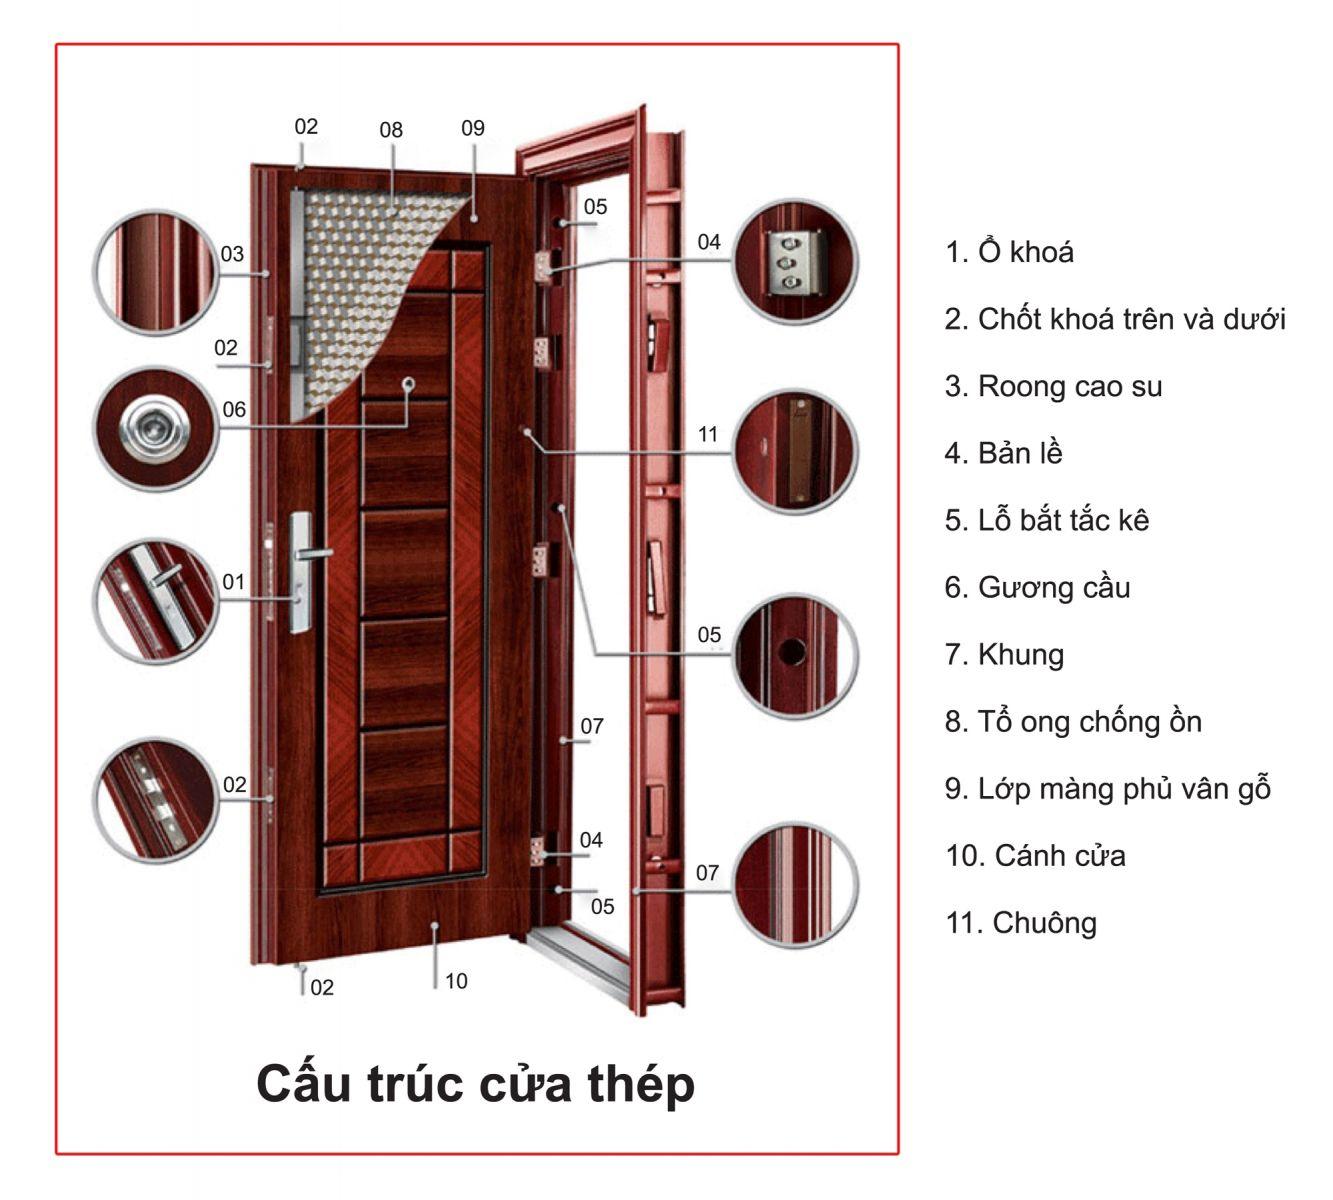 cau_tao_cua_thep_van_go